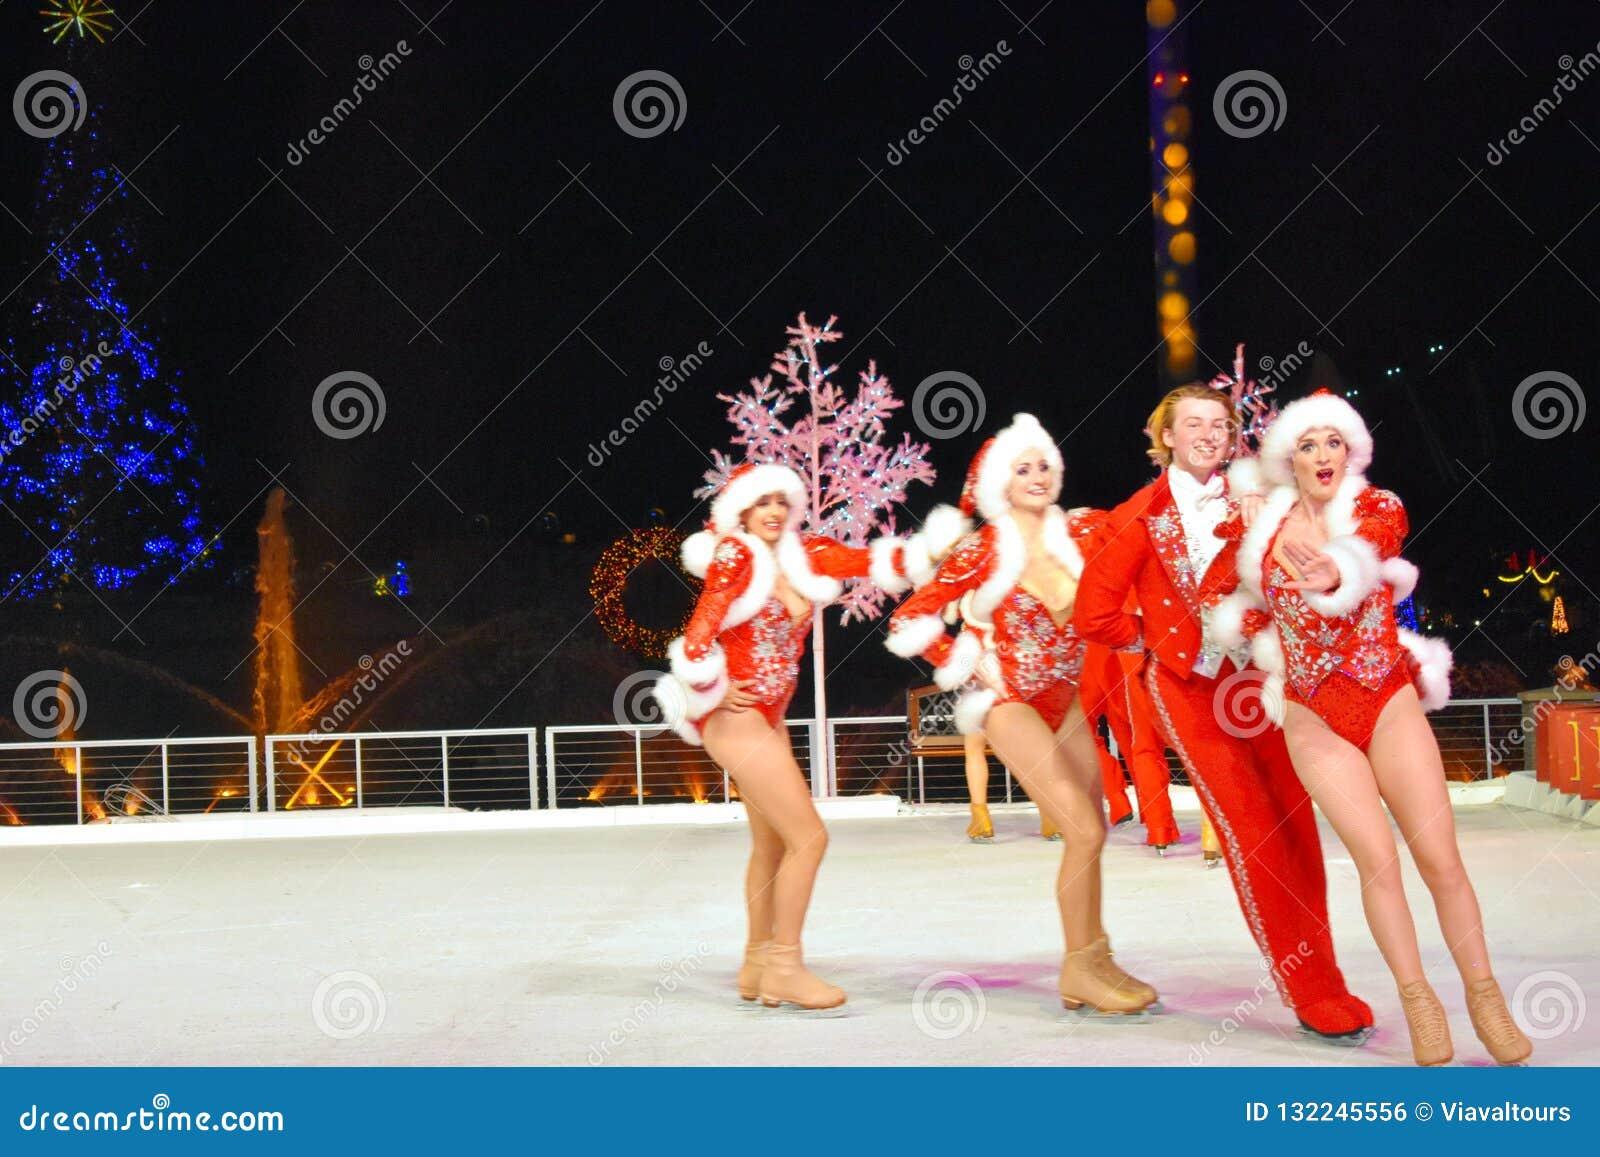 Christmas On Ice.Sensual Santa Woman S Skating With Professional Man At